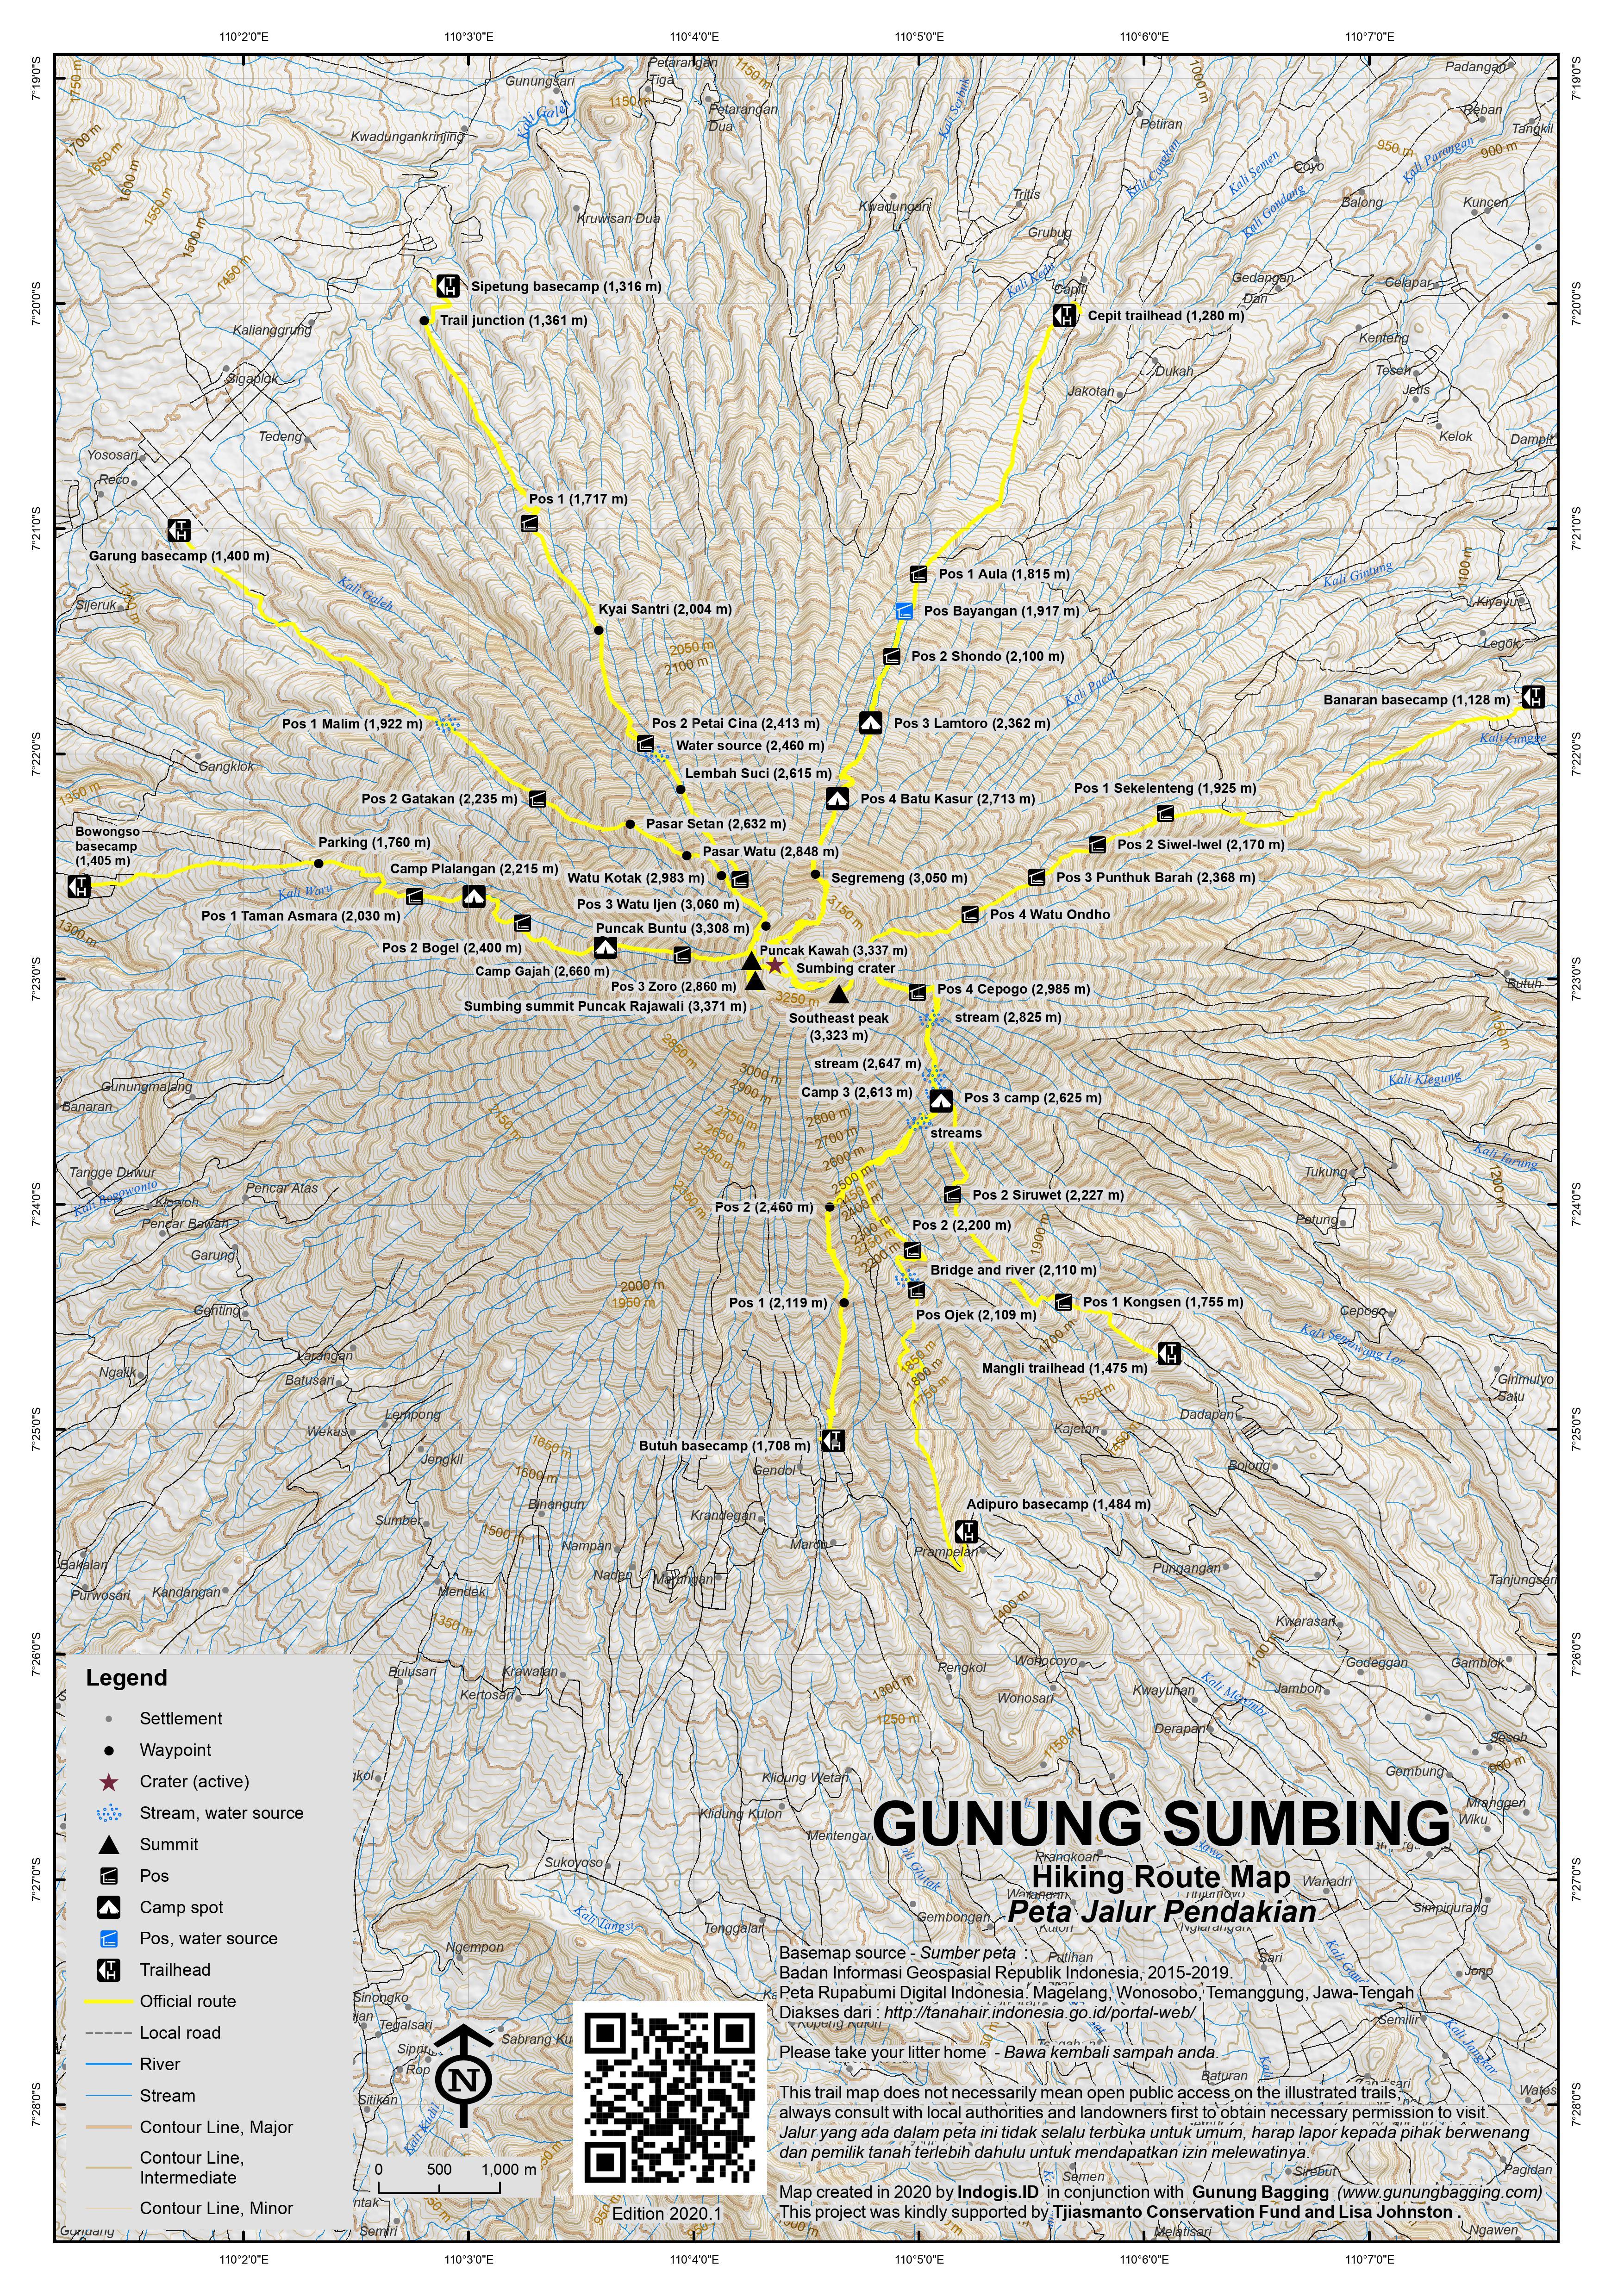 Peta Jalur Pendakian Gunung Sumbing